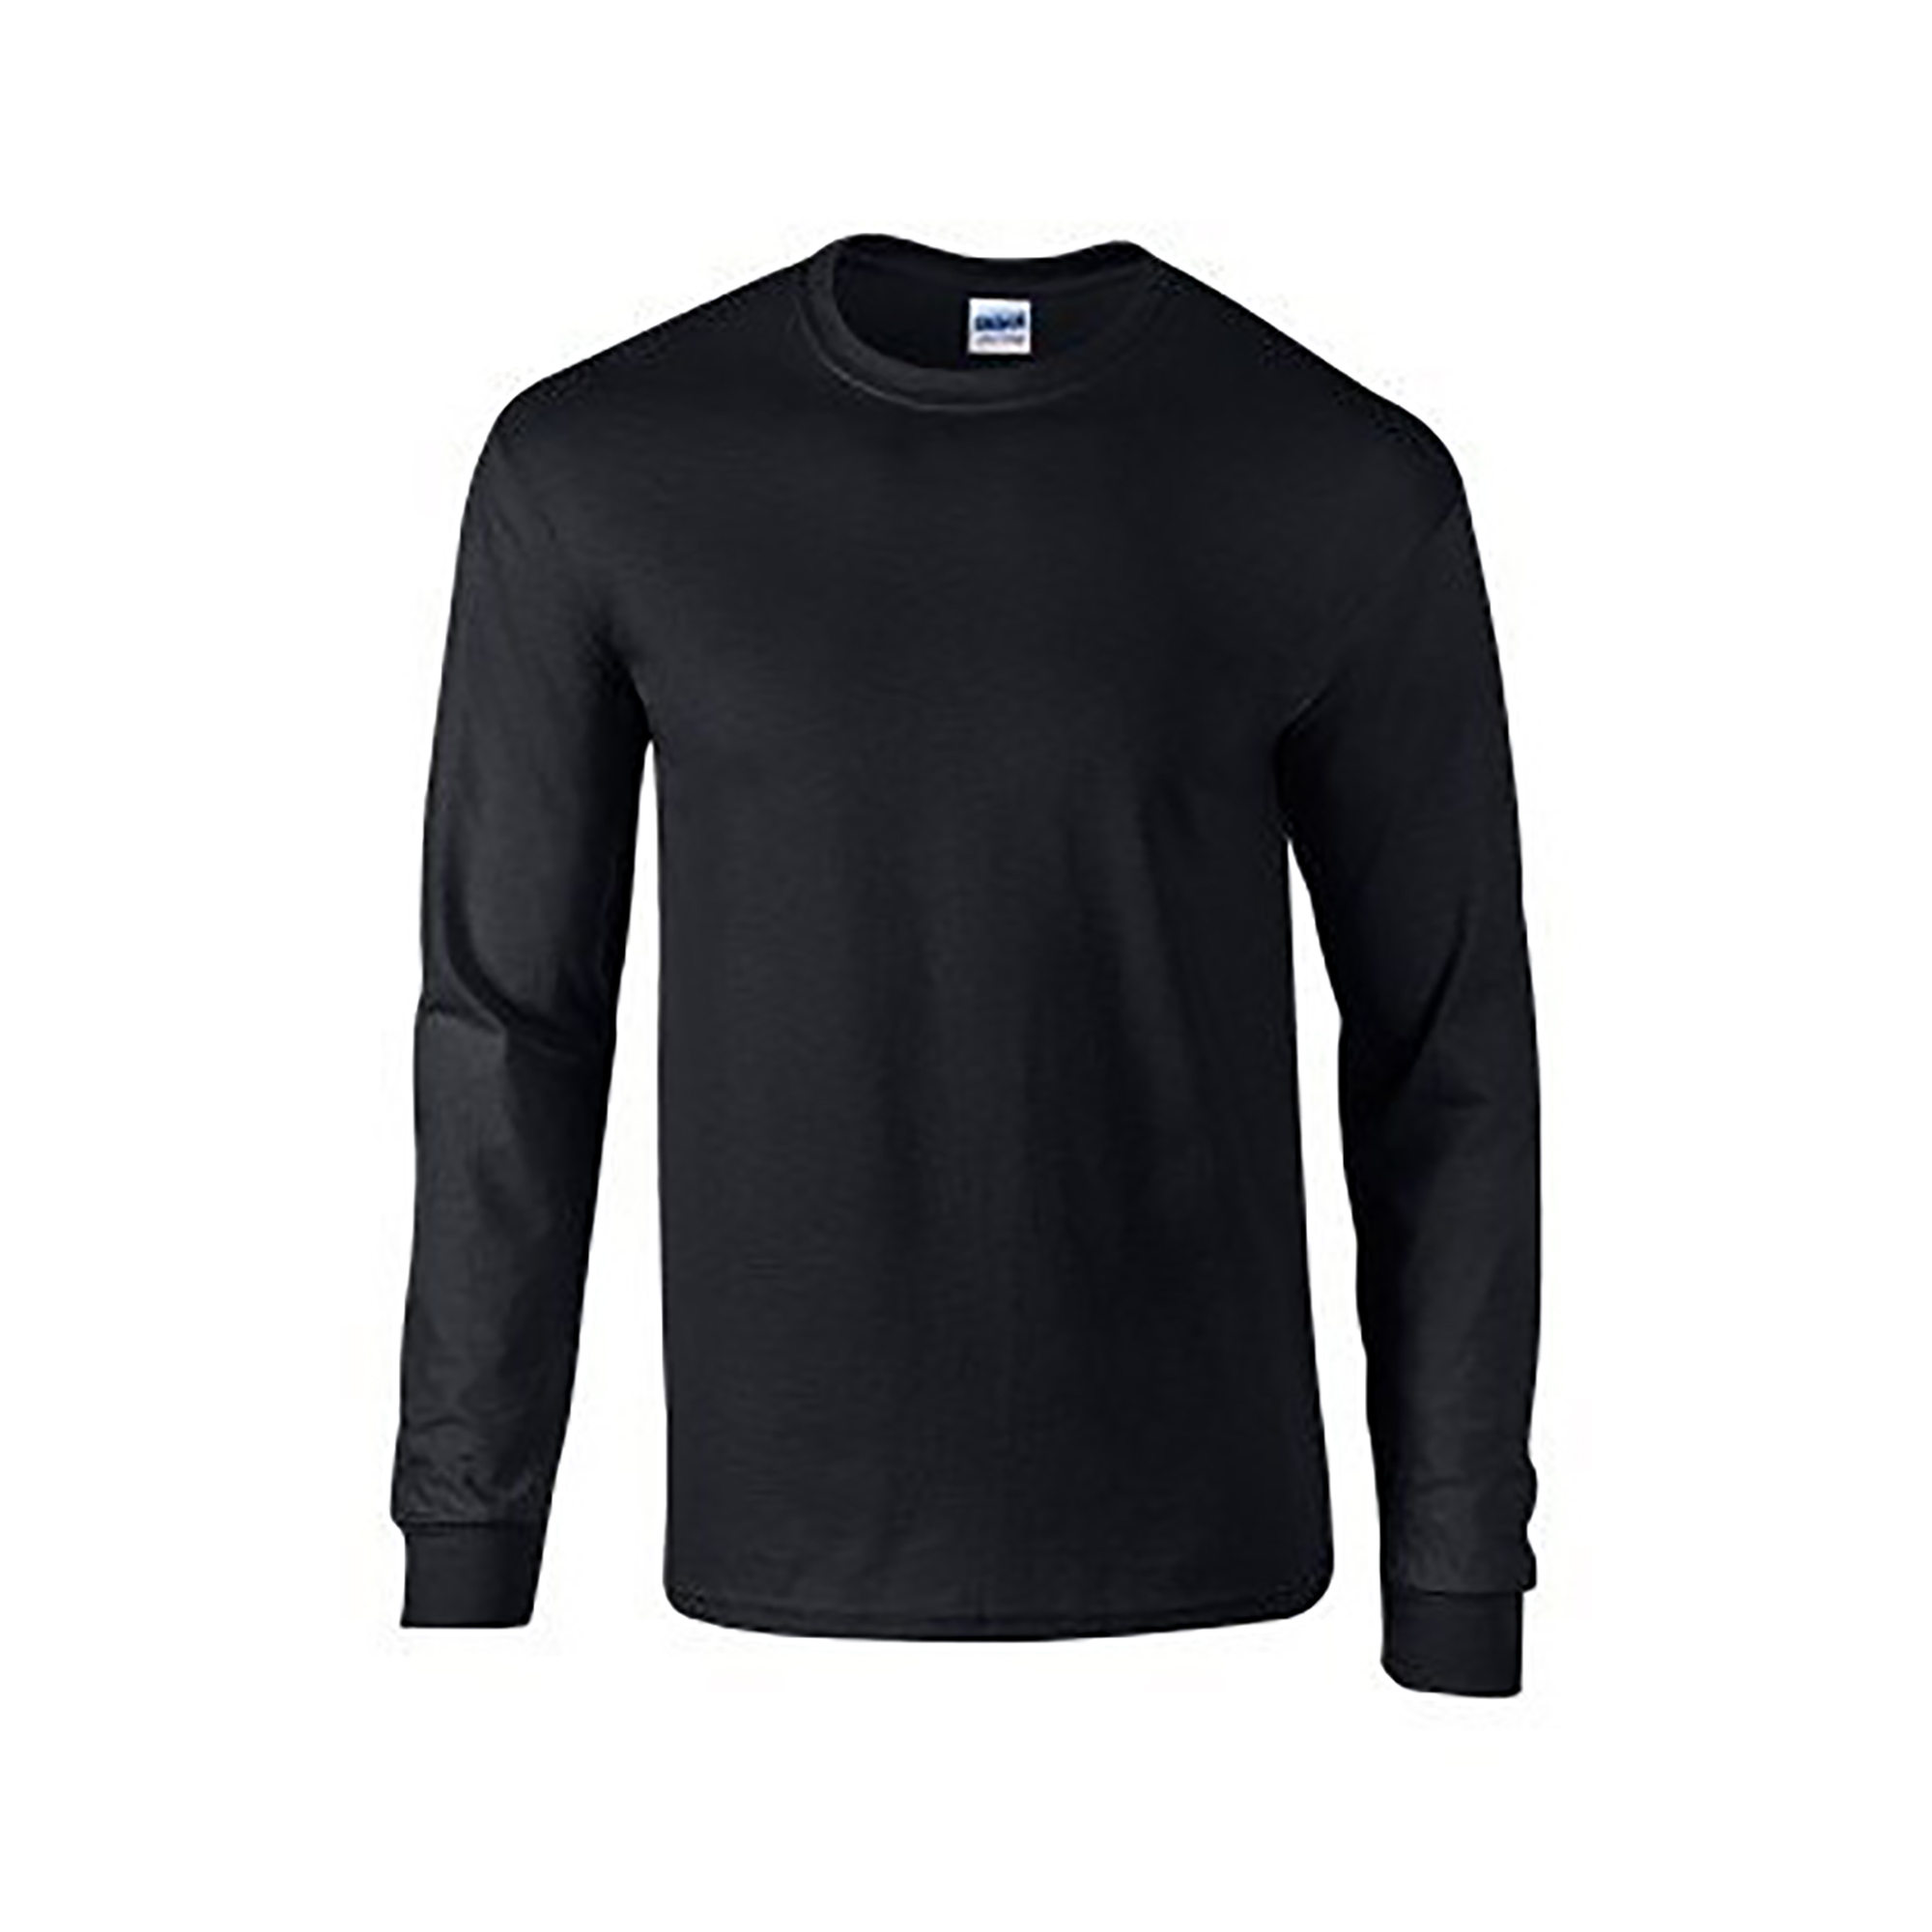 miniature 58 - T-shirt-uni-a-manches-longues-Gildan-100-coton-pour-homme-S-2XL-BC477